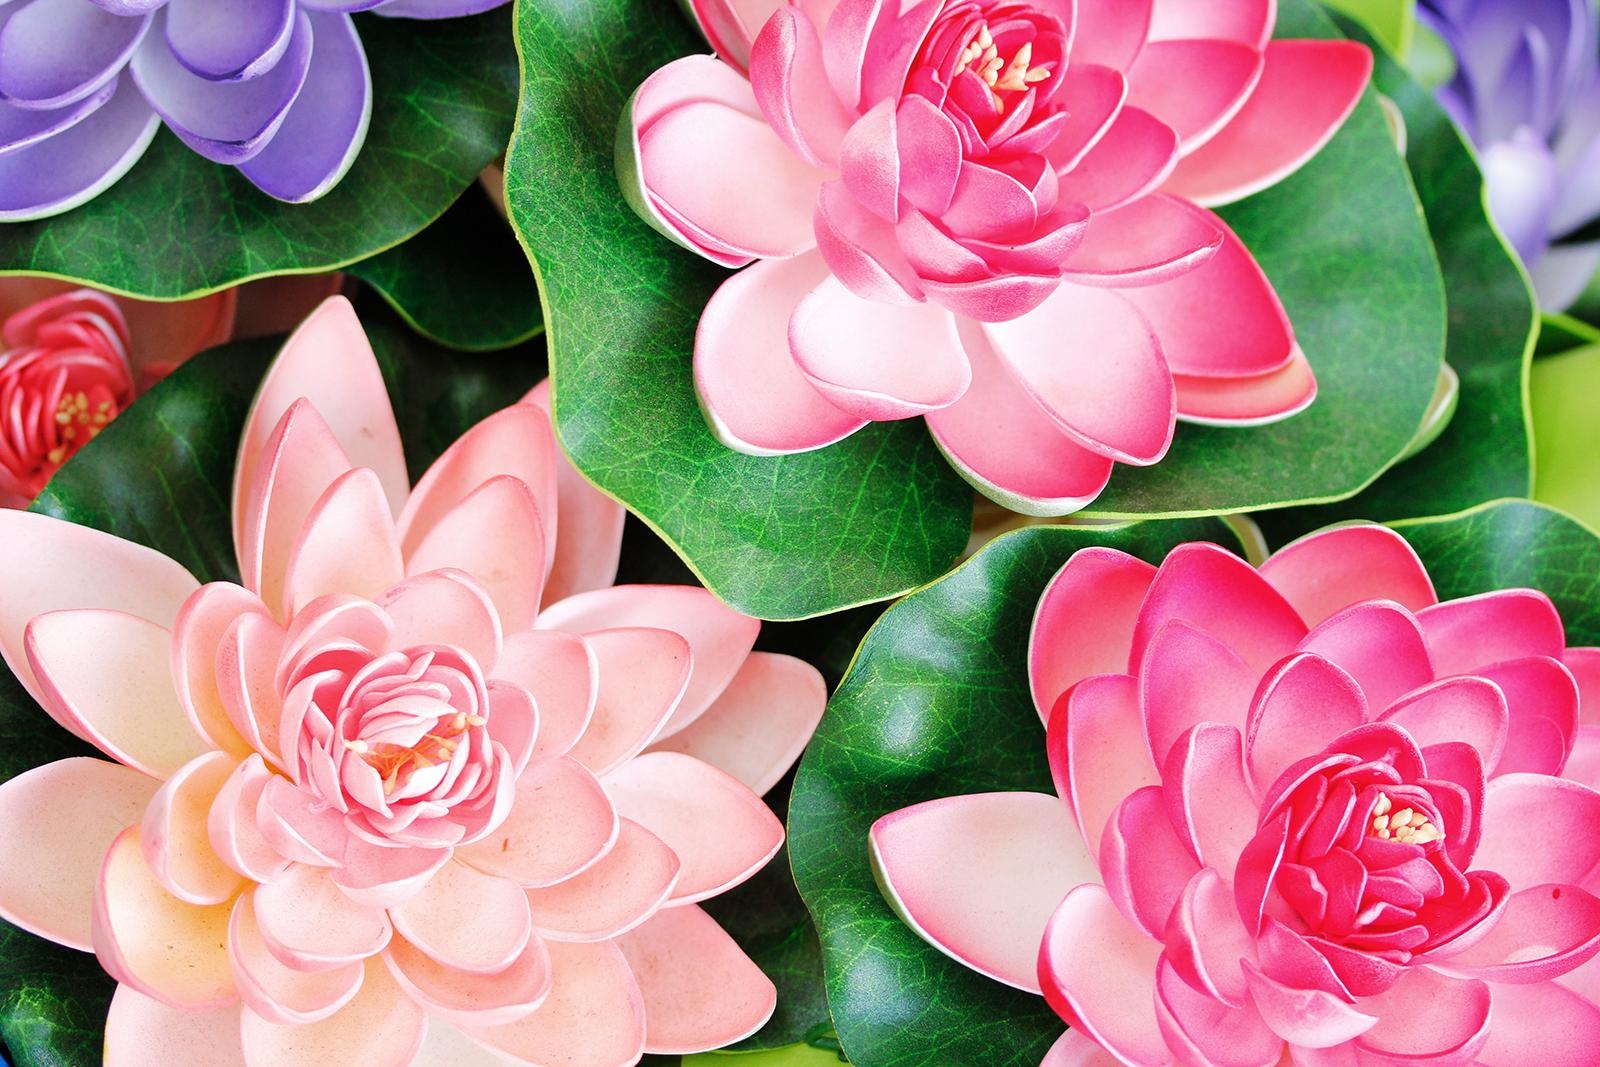 Цветы лотоса высокого разрешения